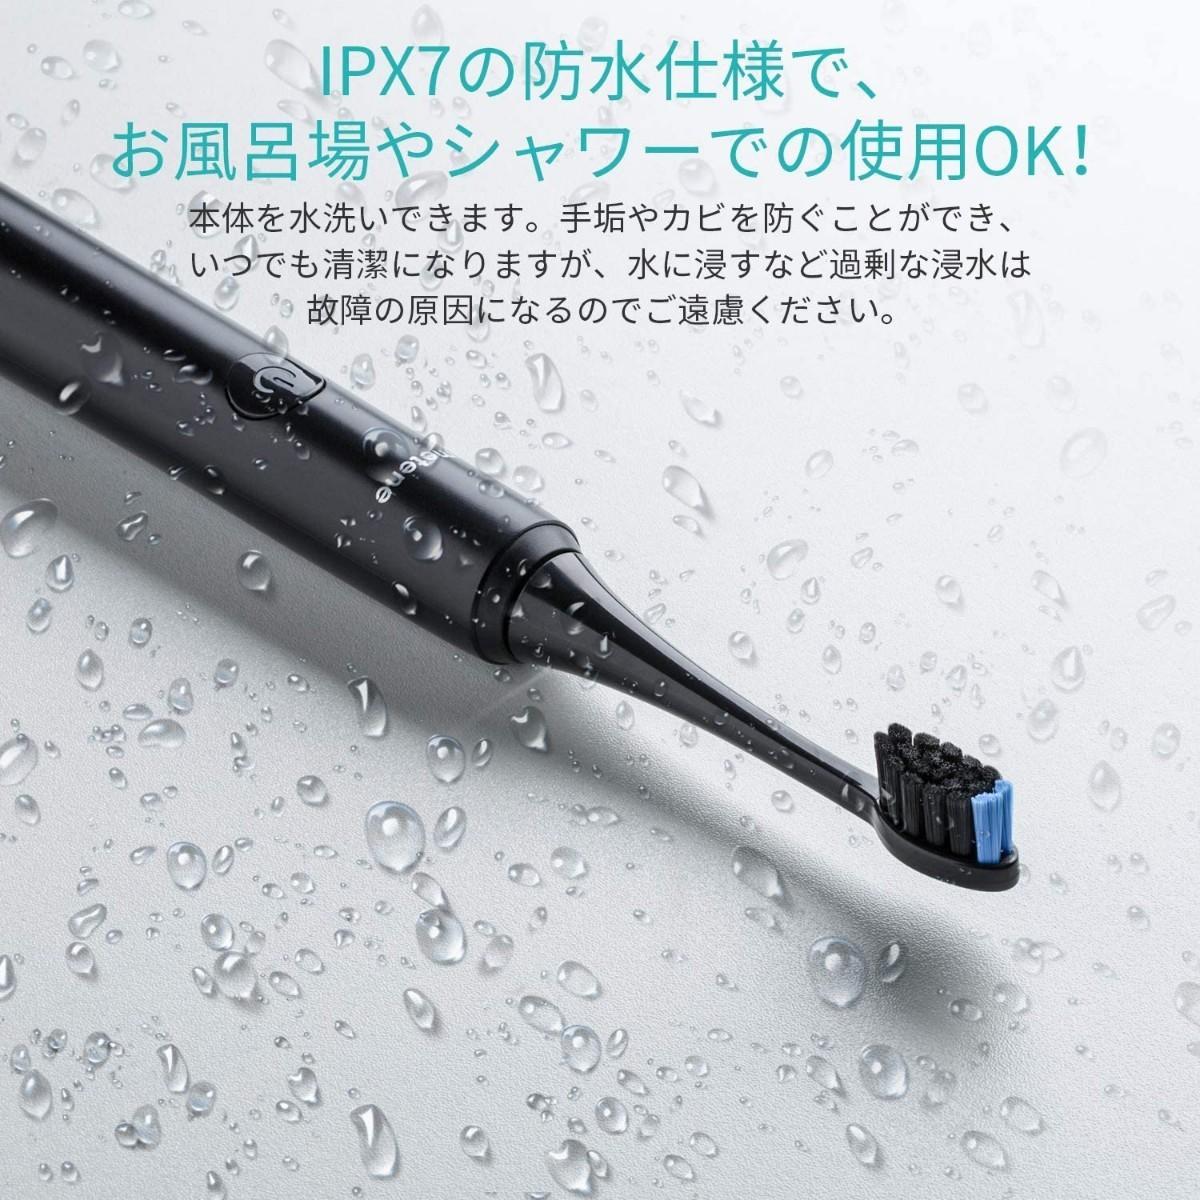 metene 電動歯ブラシ 音波歯ブラシ 歯ブラシ ソニック 5つのモード